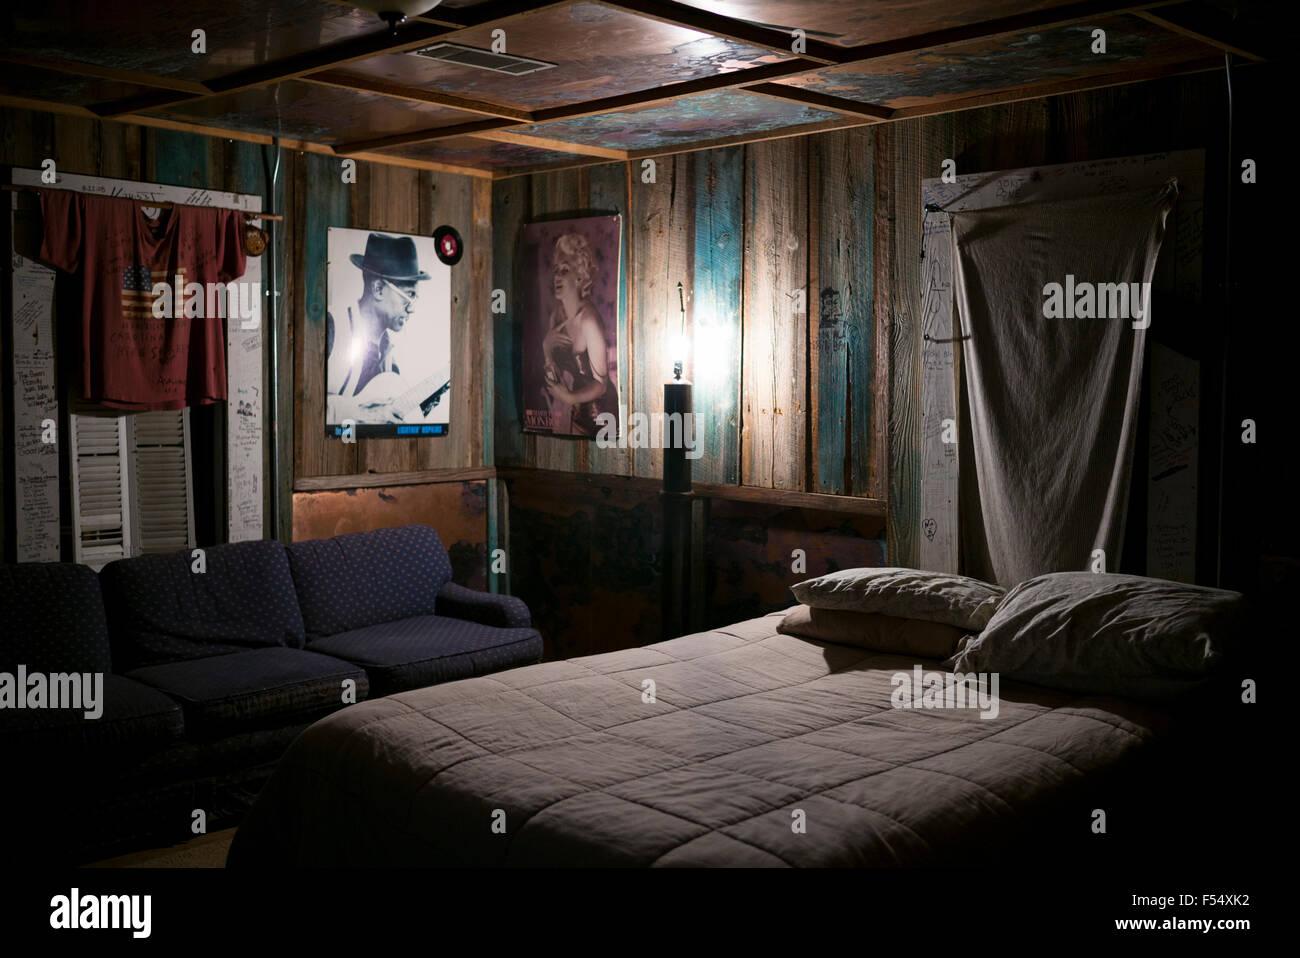 Schlafzimmer in Kabine The Shack, Inn ein Cotton Pickers Themenhotel ...